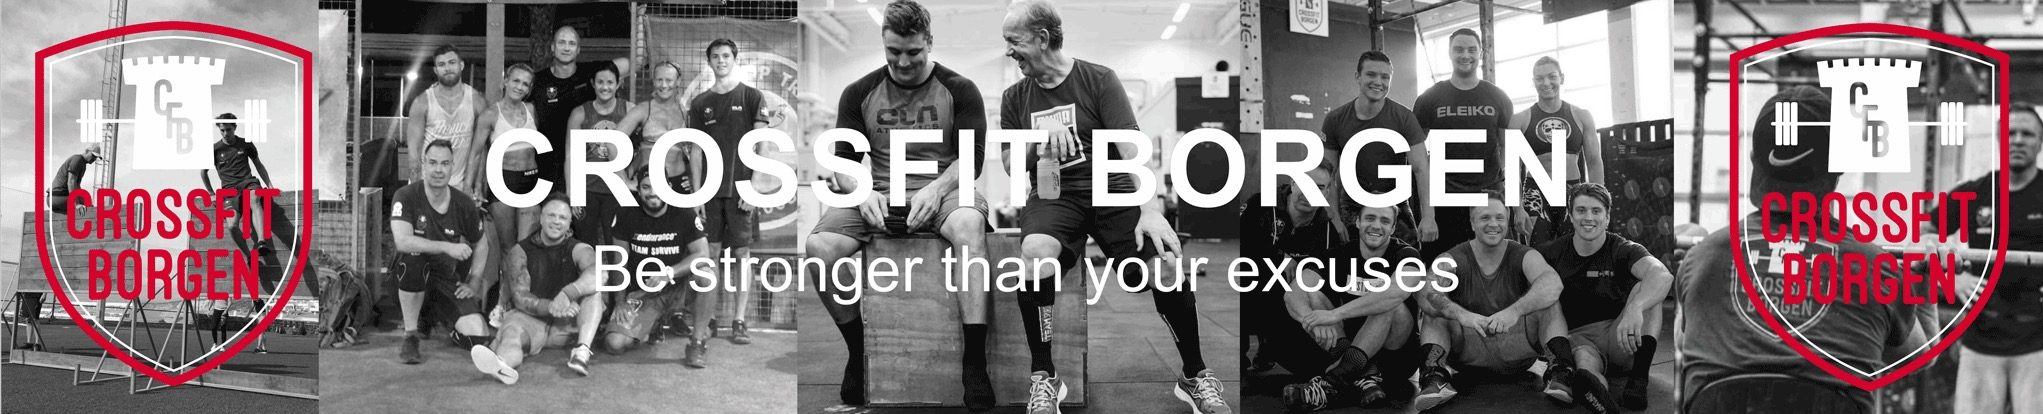 CrossFit Borgen i Alingsås